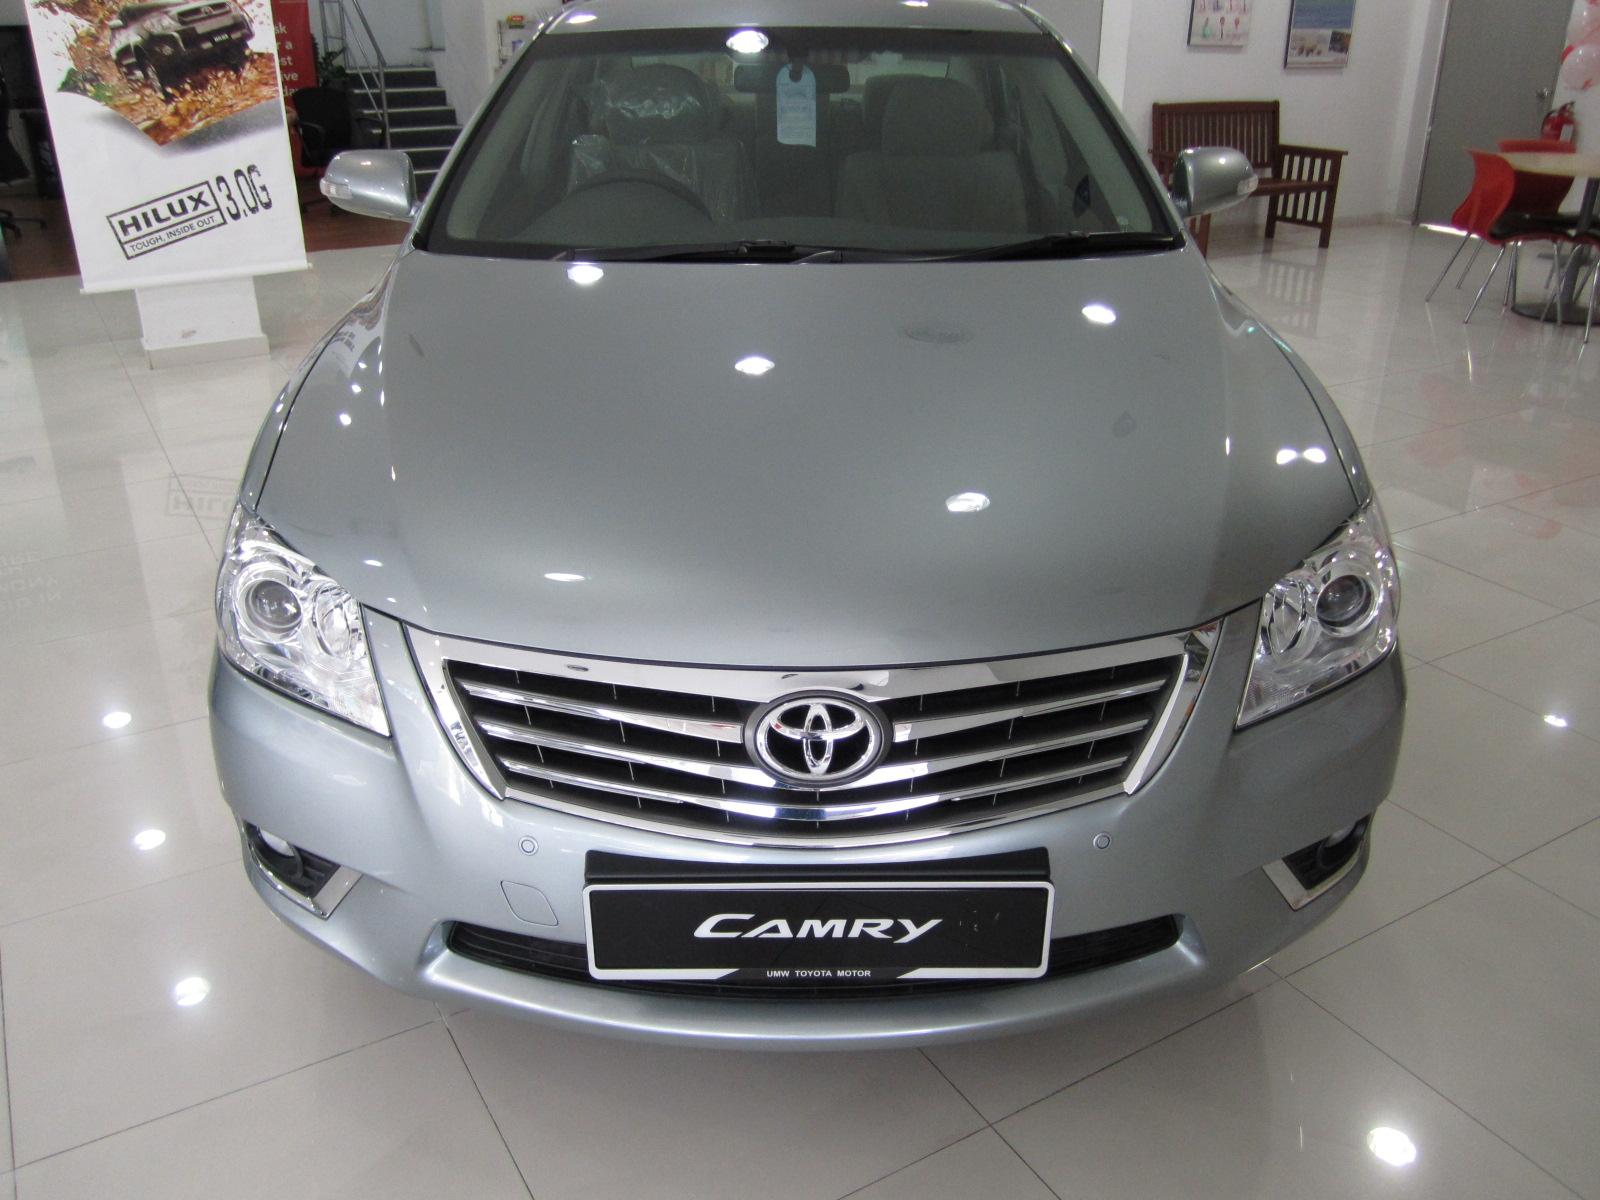 All New Camry Type V Yaris Trd Heykers Toyota 2 0e 0g 4v